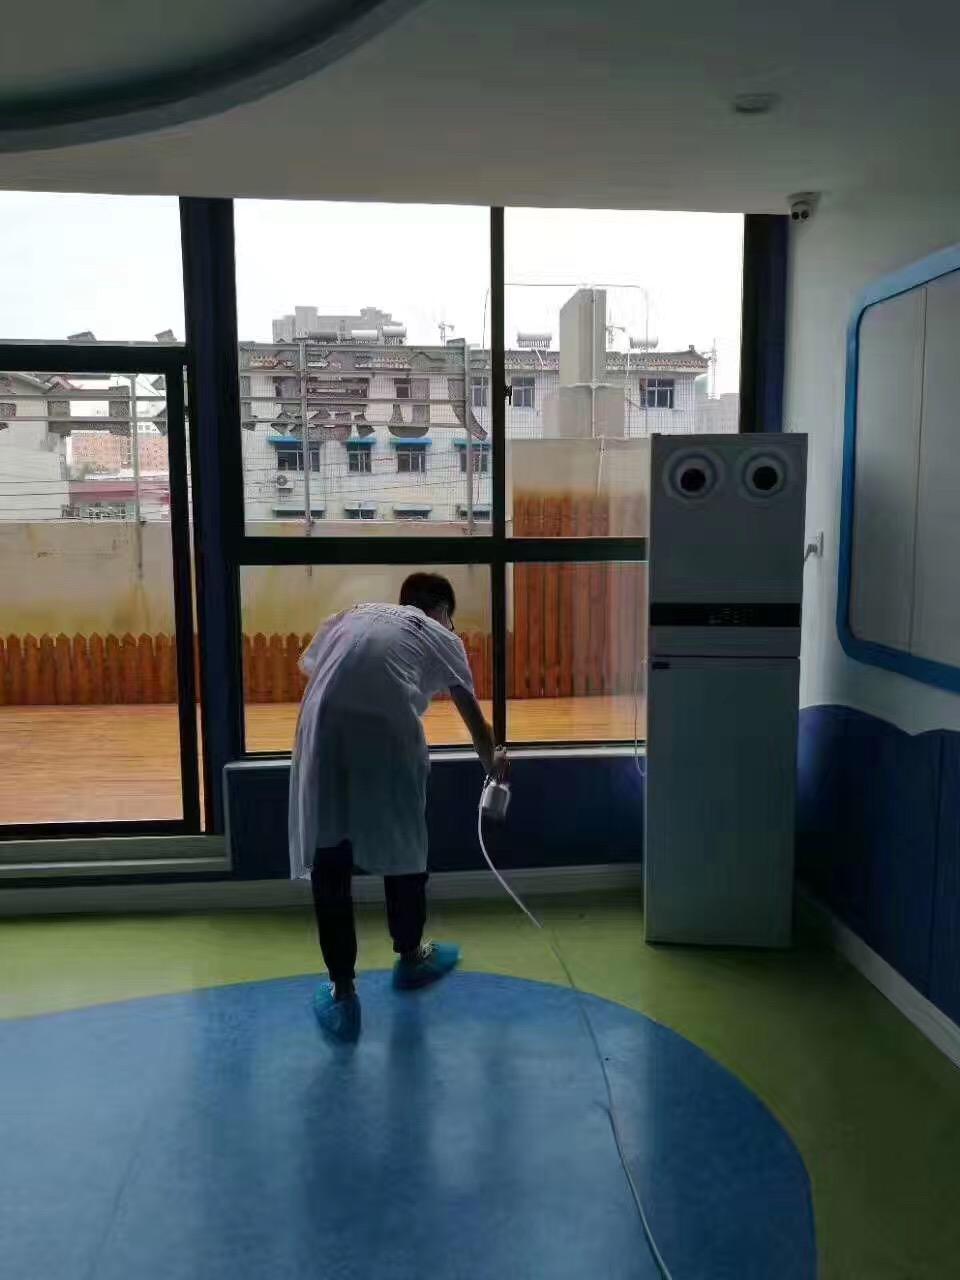 红黄蓝亲子园室内空气治理